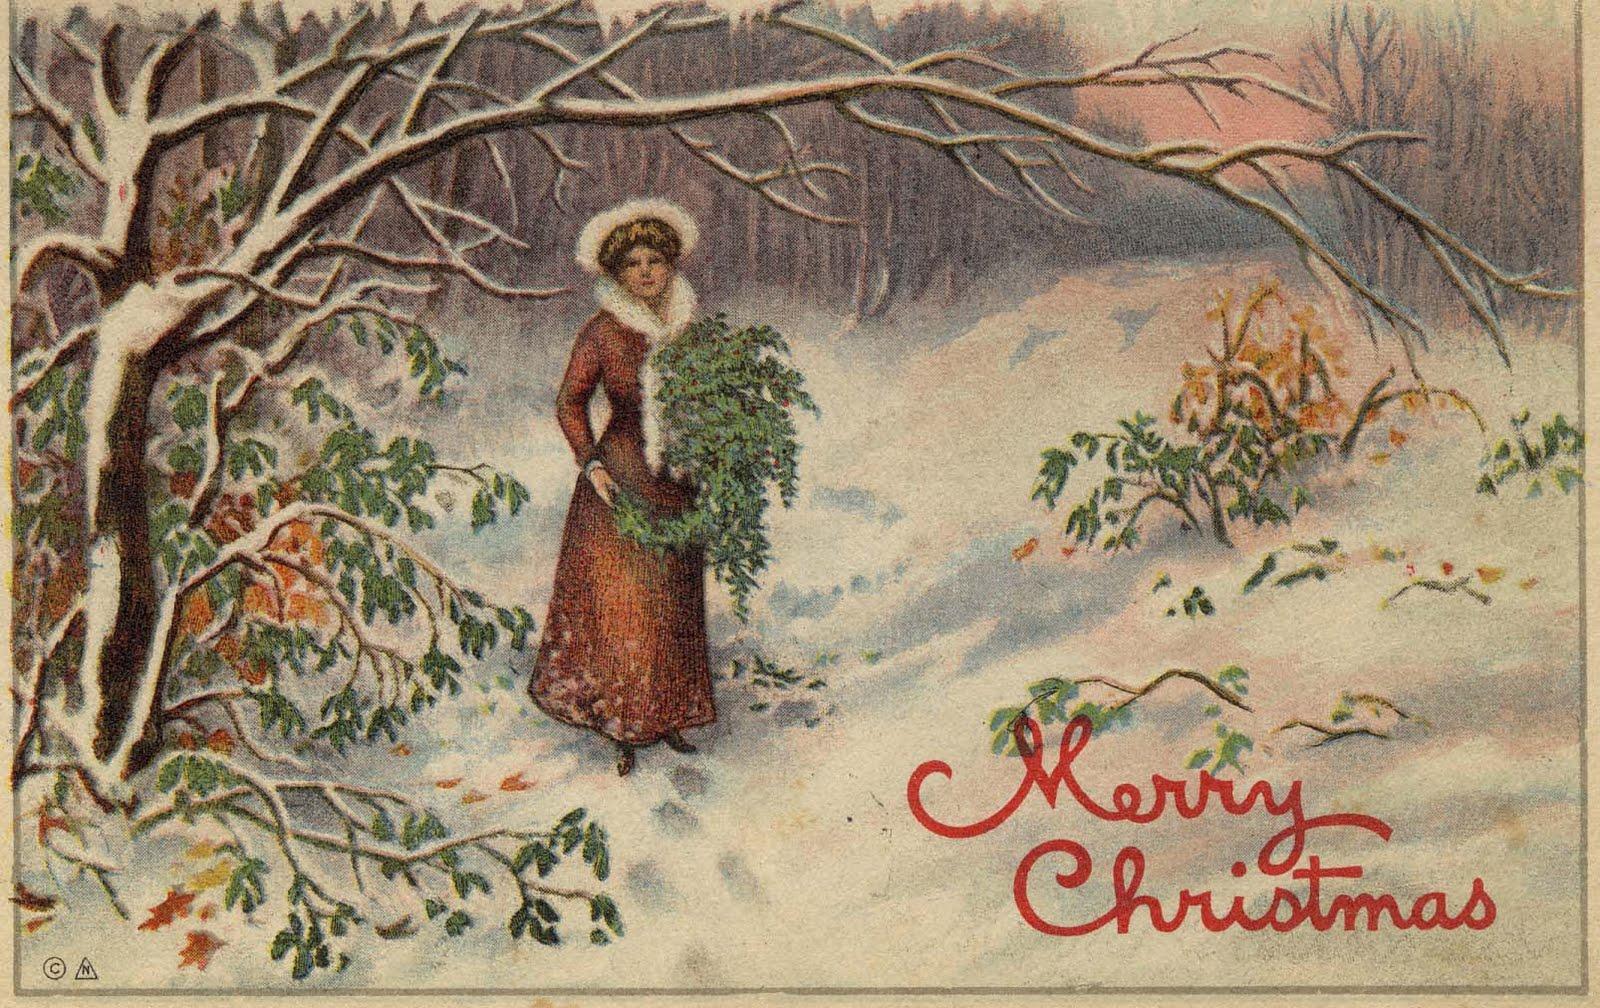 Merry Christmas Old Fashioned 1600x1008 Wallpaper Teahub Io